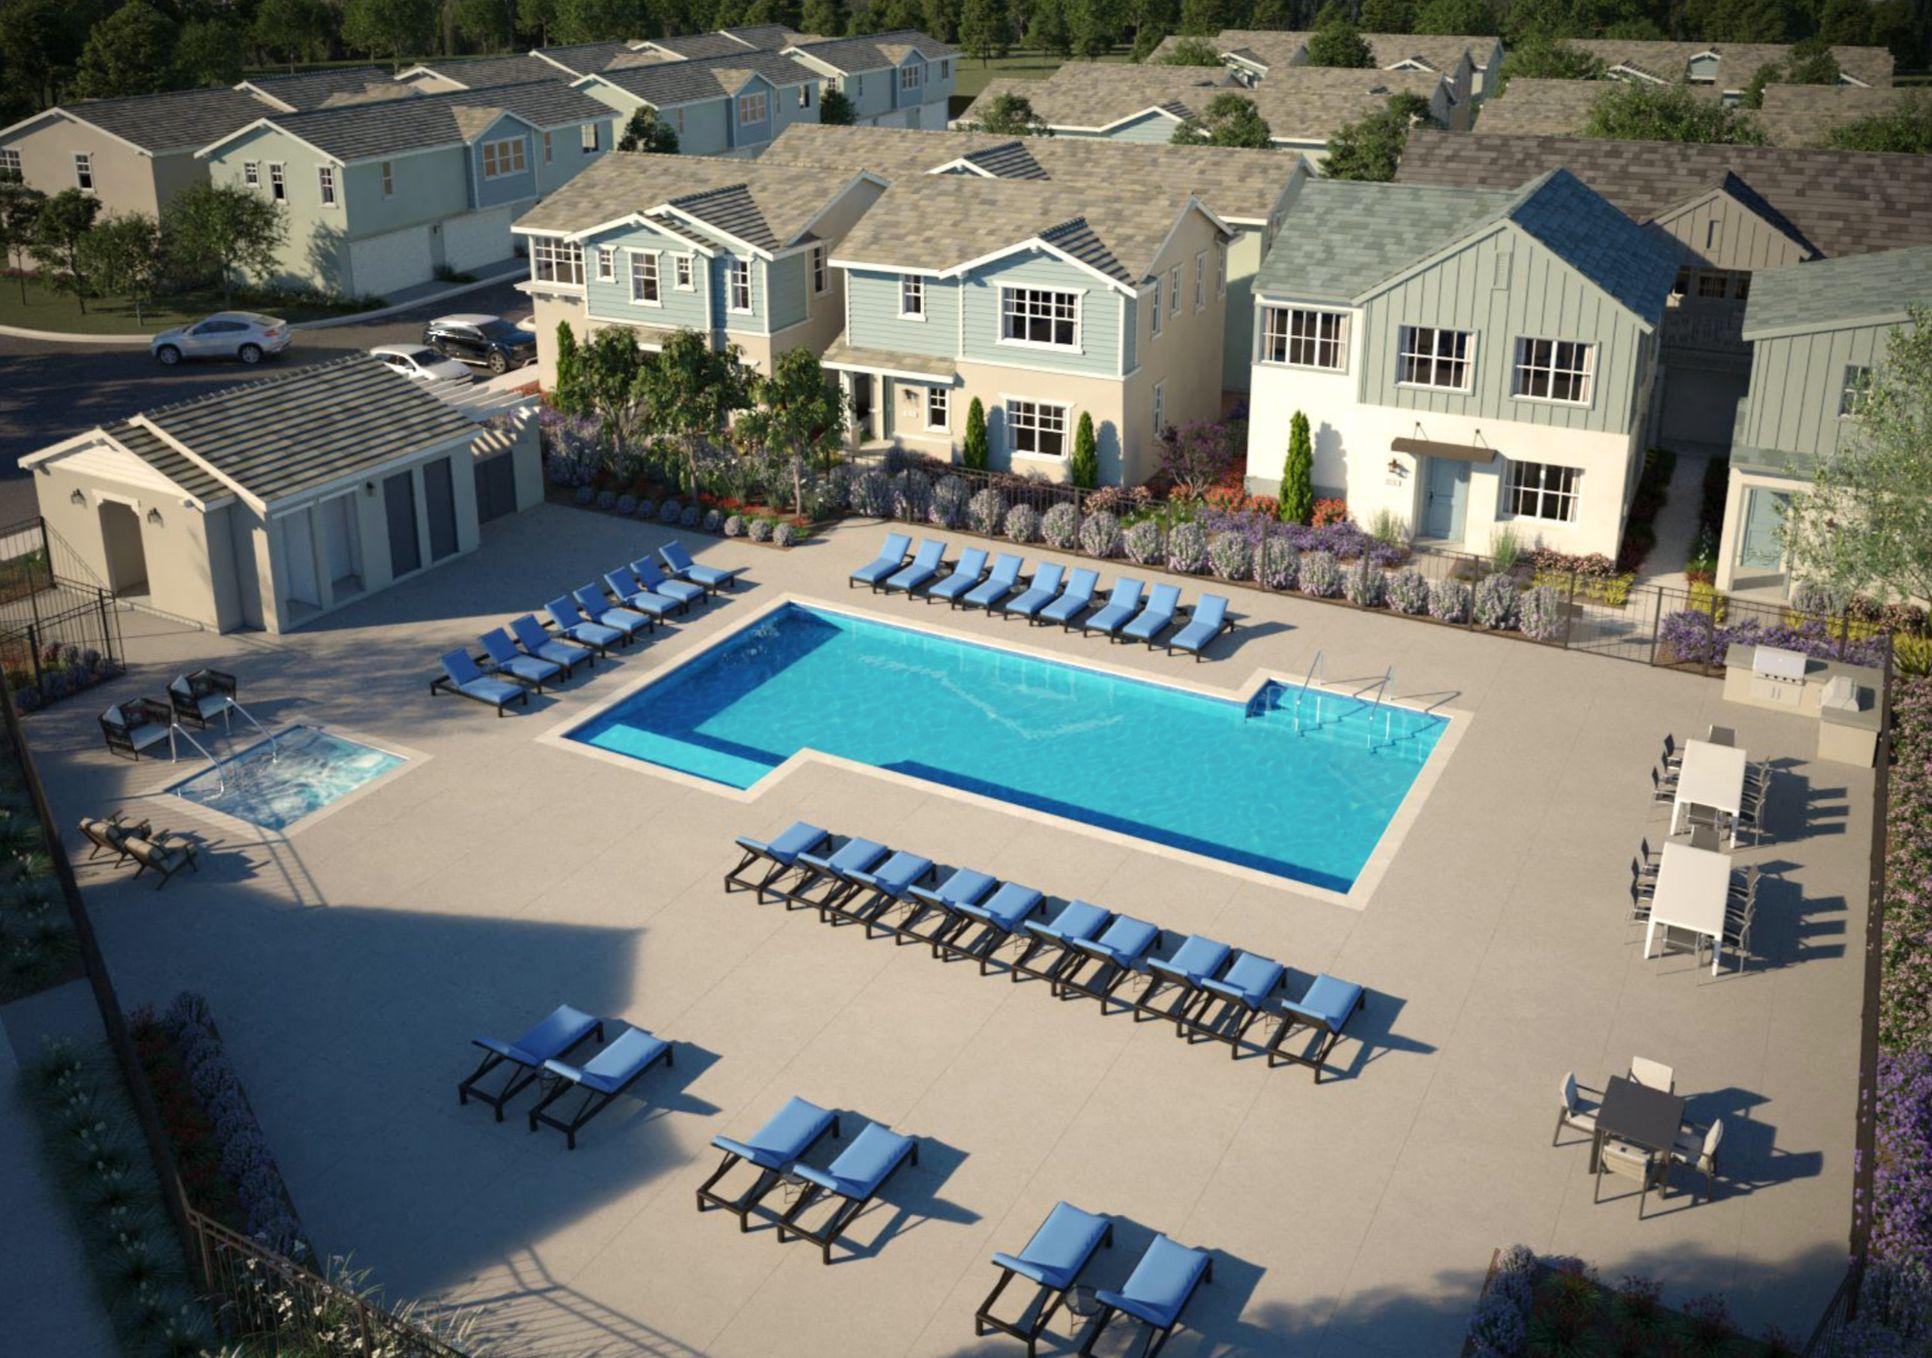 Pool, Spa & BBQ Complex